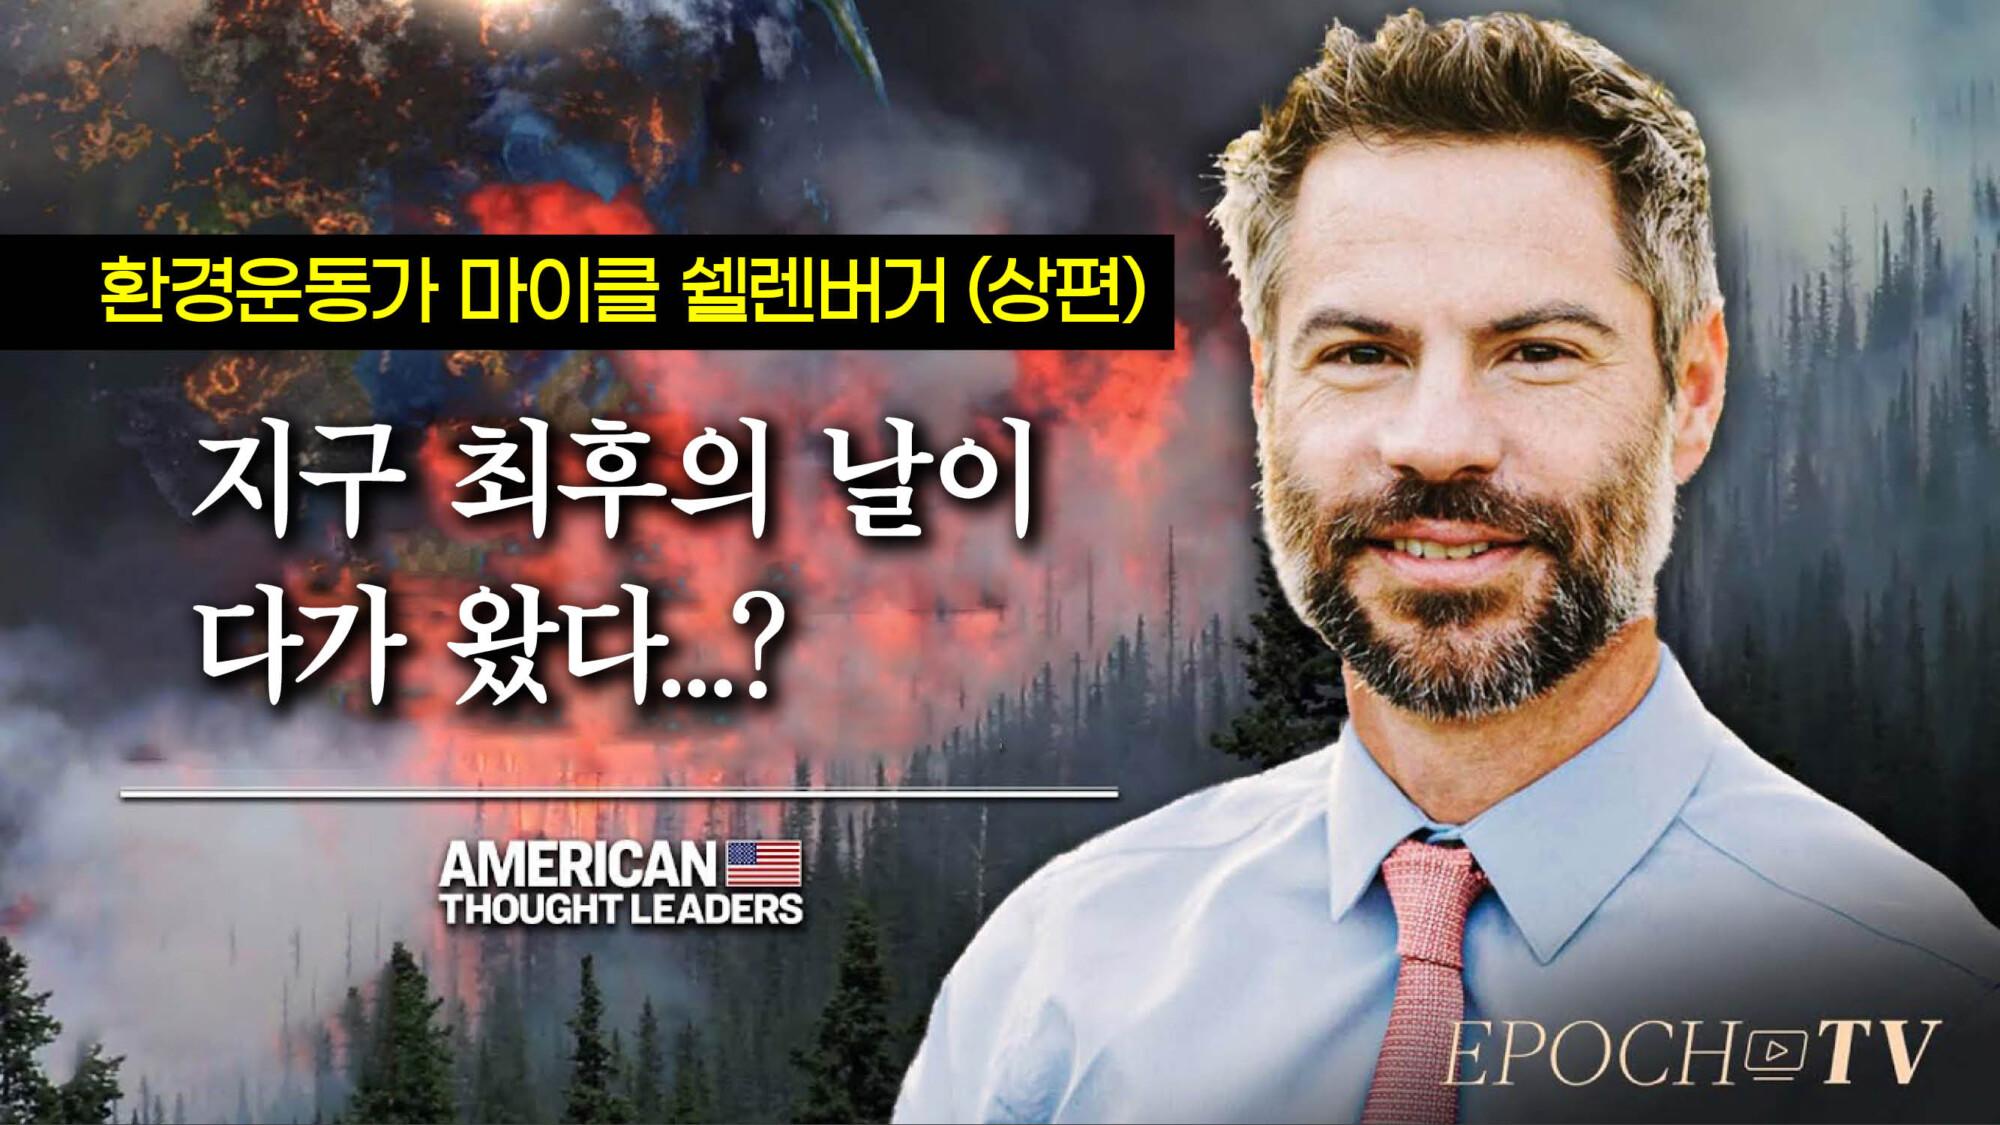 [ATL] 지구 최후의 날이 다가 왔다?...기후변화 경고론자 프레임 (상편)